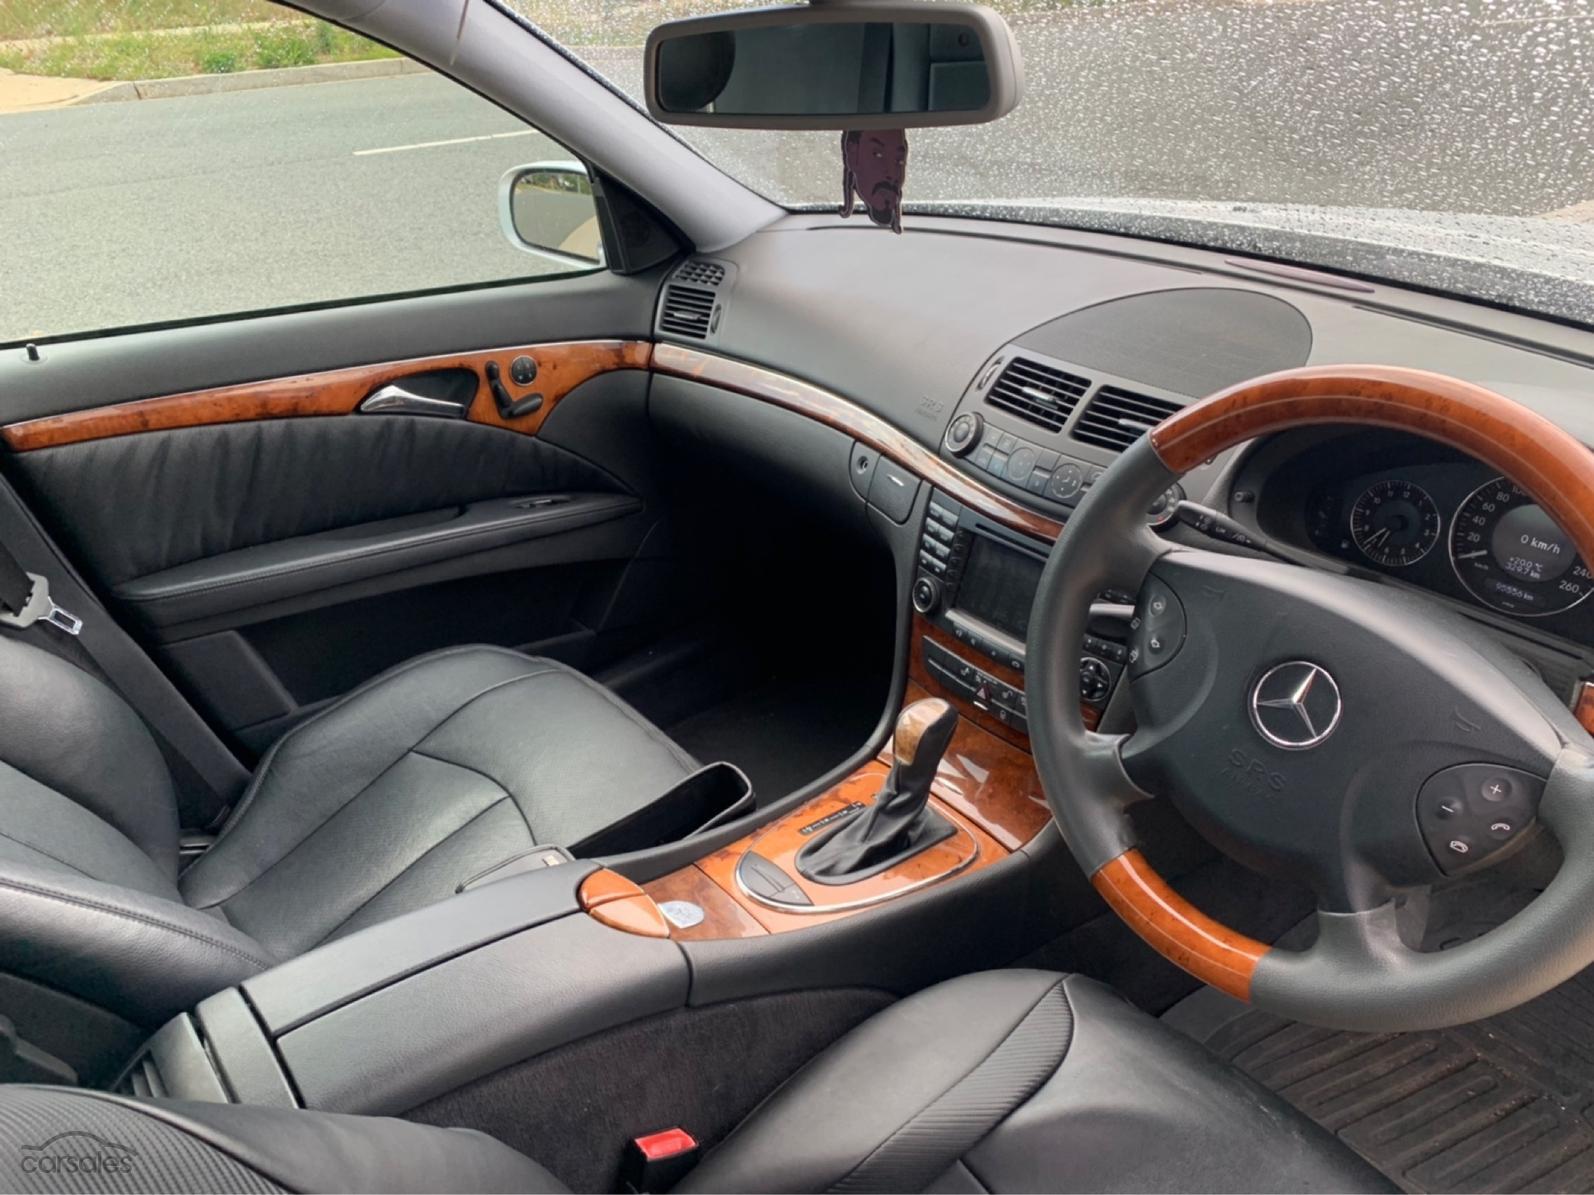 2004 Mercedes-Benz E320 Elegance Auto-SSE-AD-5833461